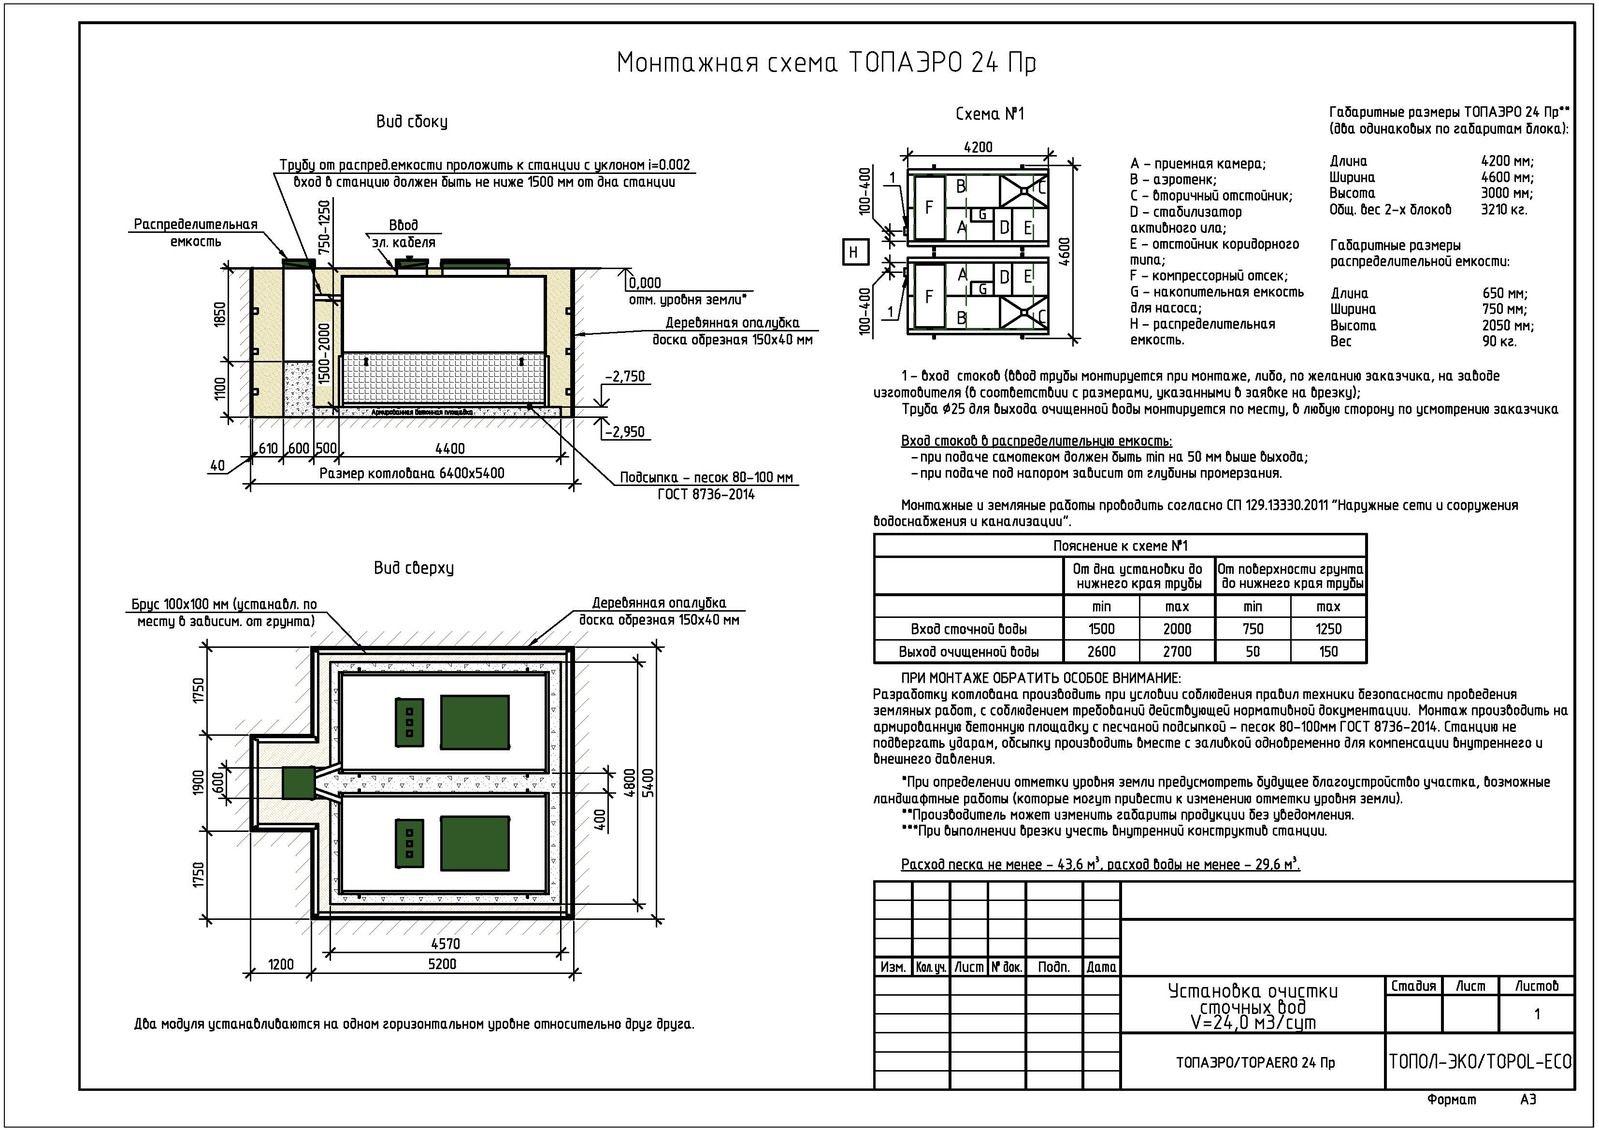 Монтажная схема септика Топаэро 24 ПР